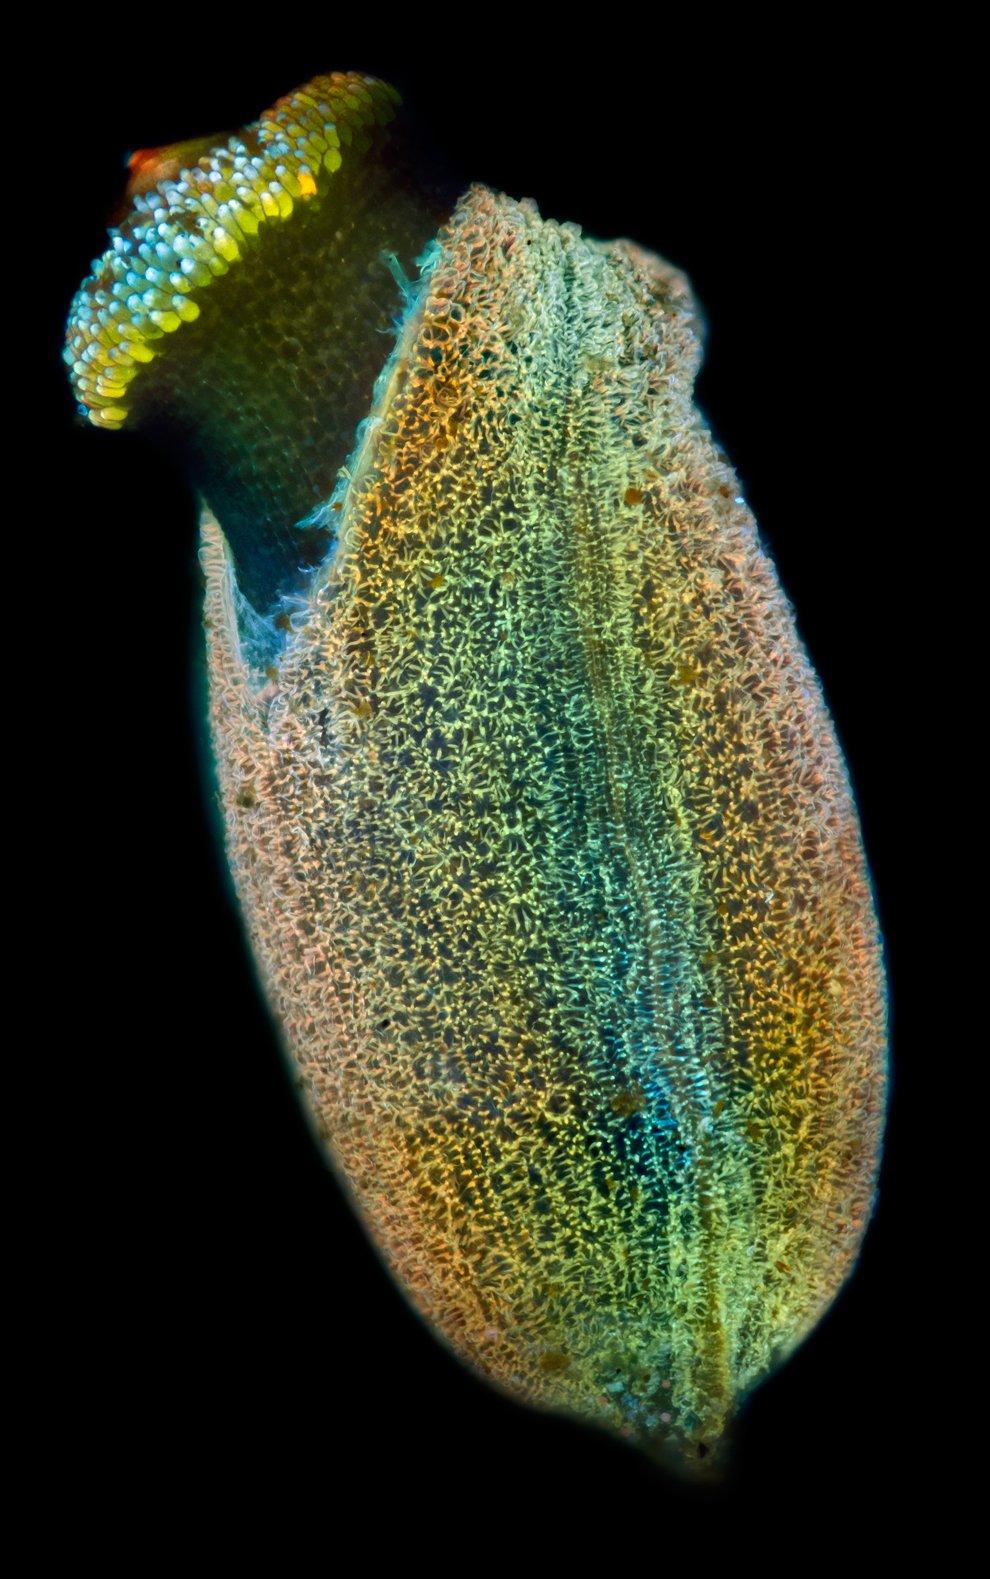 Поощрительная премия.  Клетки L-1210 мыши . 400-кратное увеличение. (Фото Fran